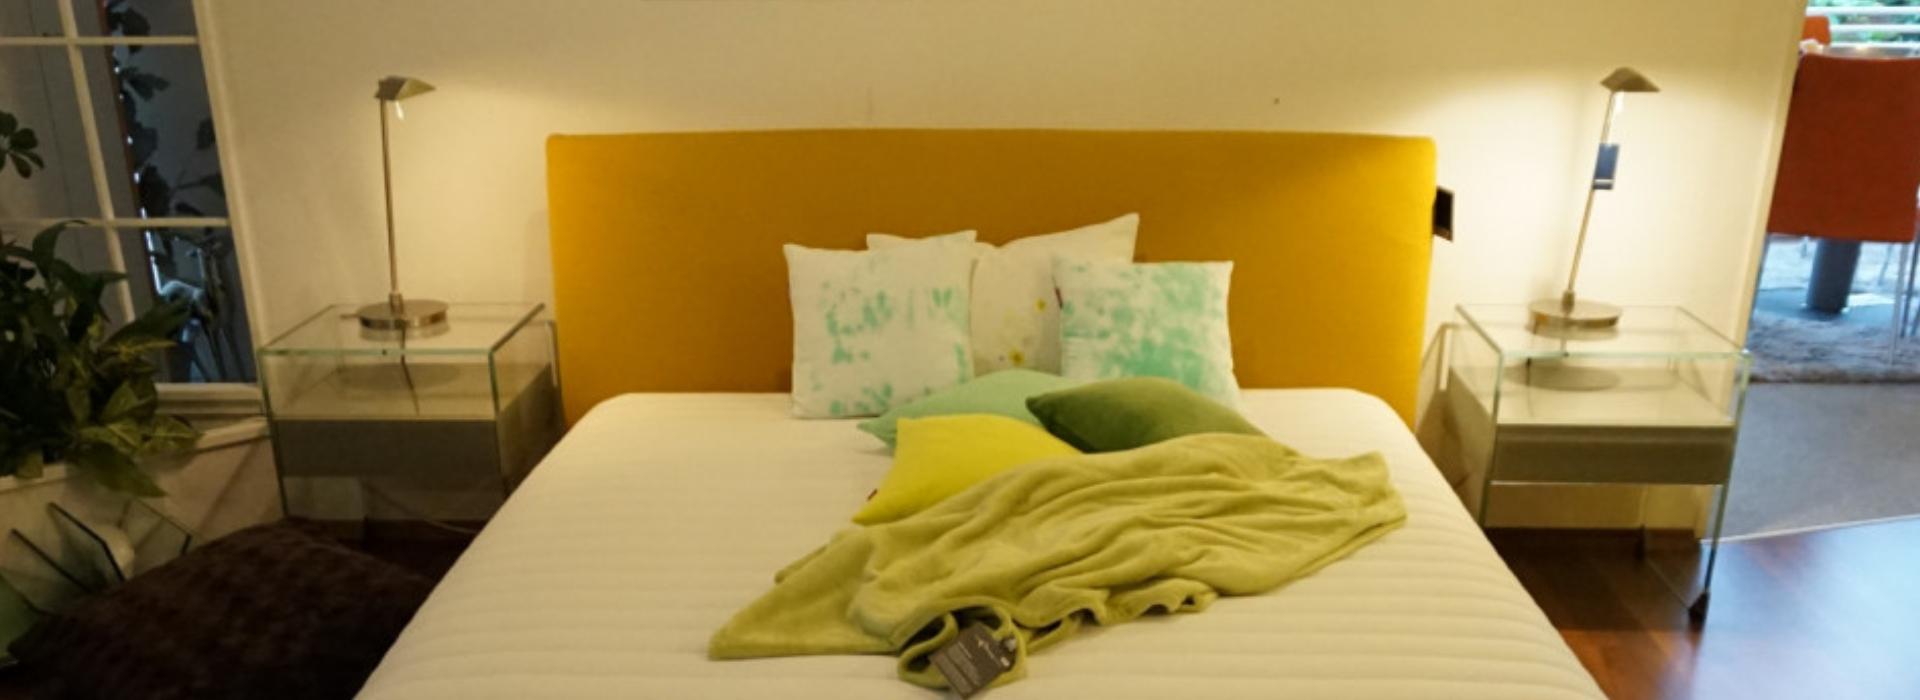 Wackenhut schlafzimmer schlafzimmer mit schr gen for Einrichtungshaus darmstadt